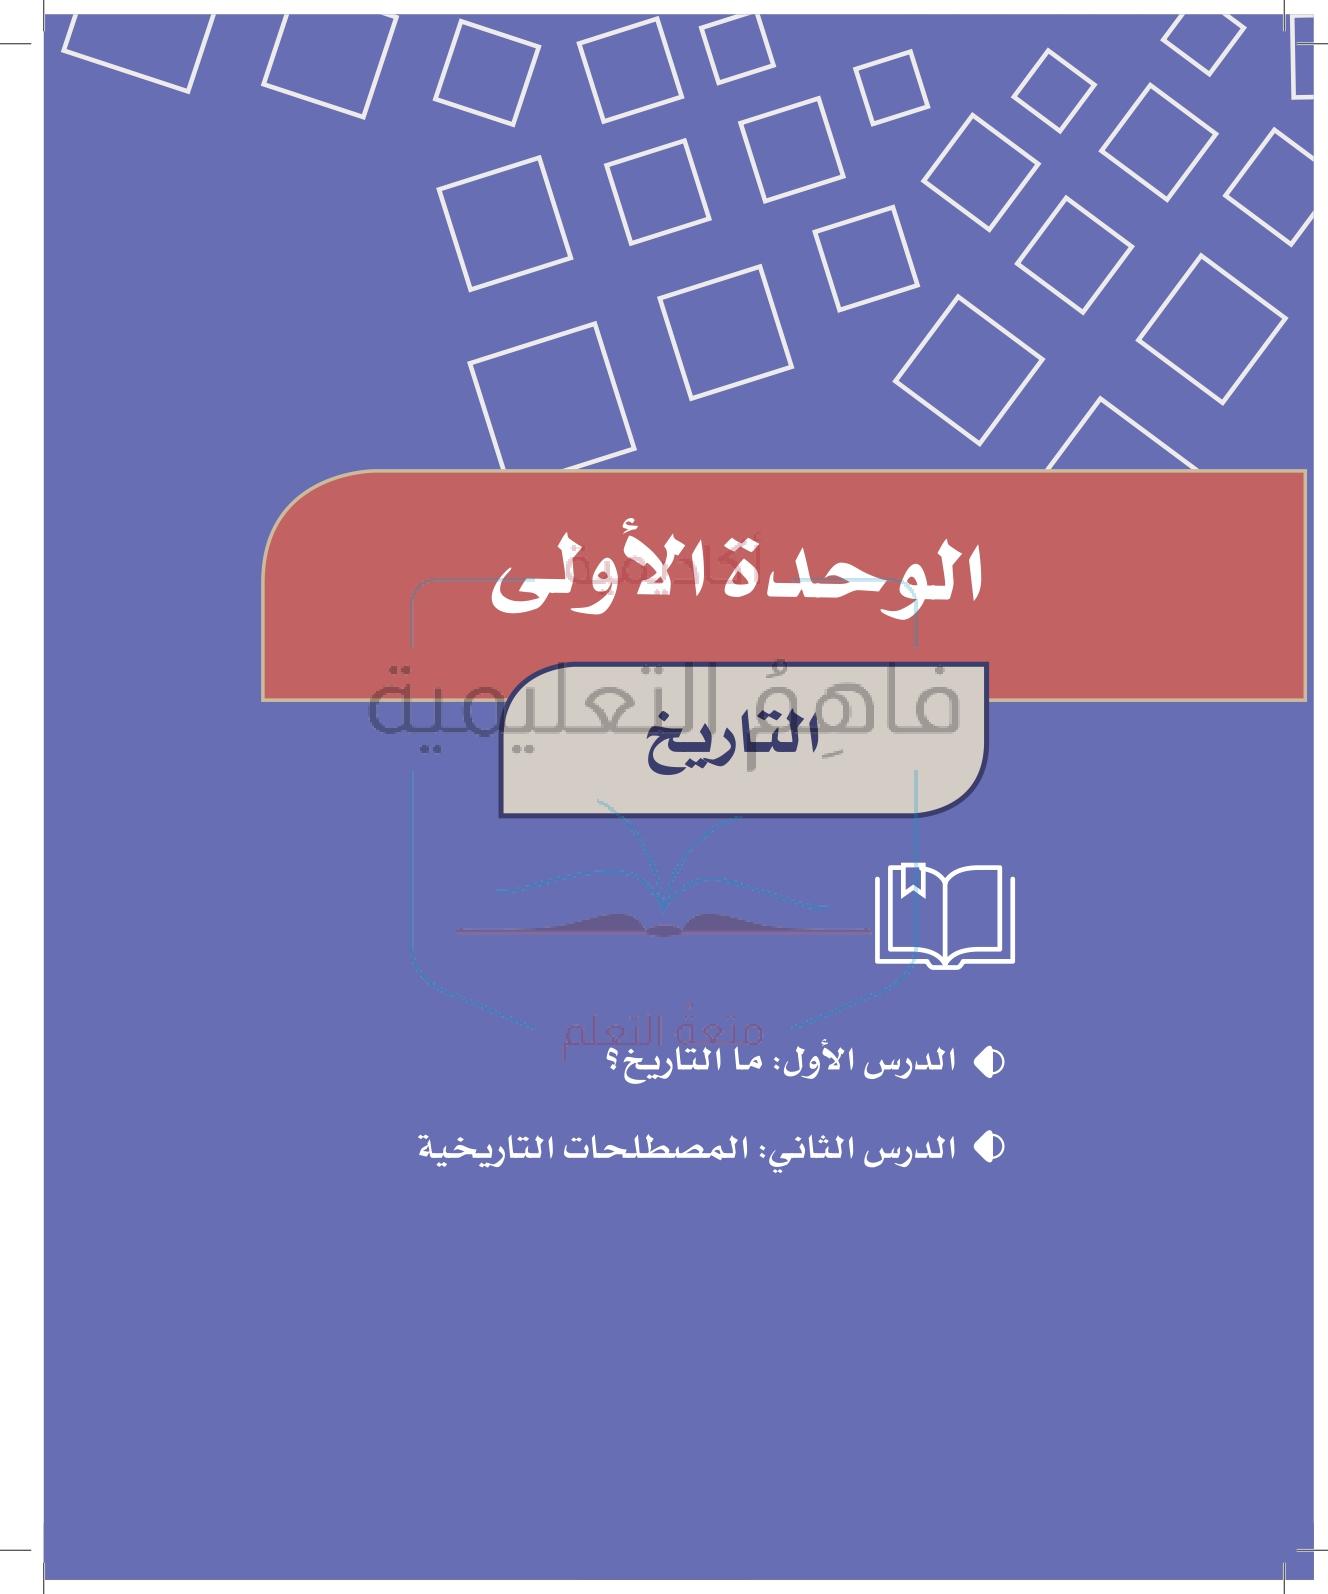 حل دراسات اجتماعية سادس – الوحدة (1) – التاريخ – صفحة 12-22